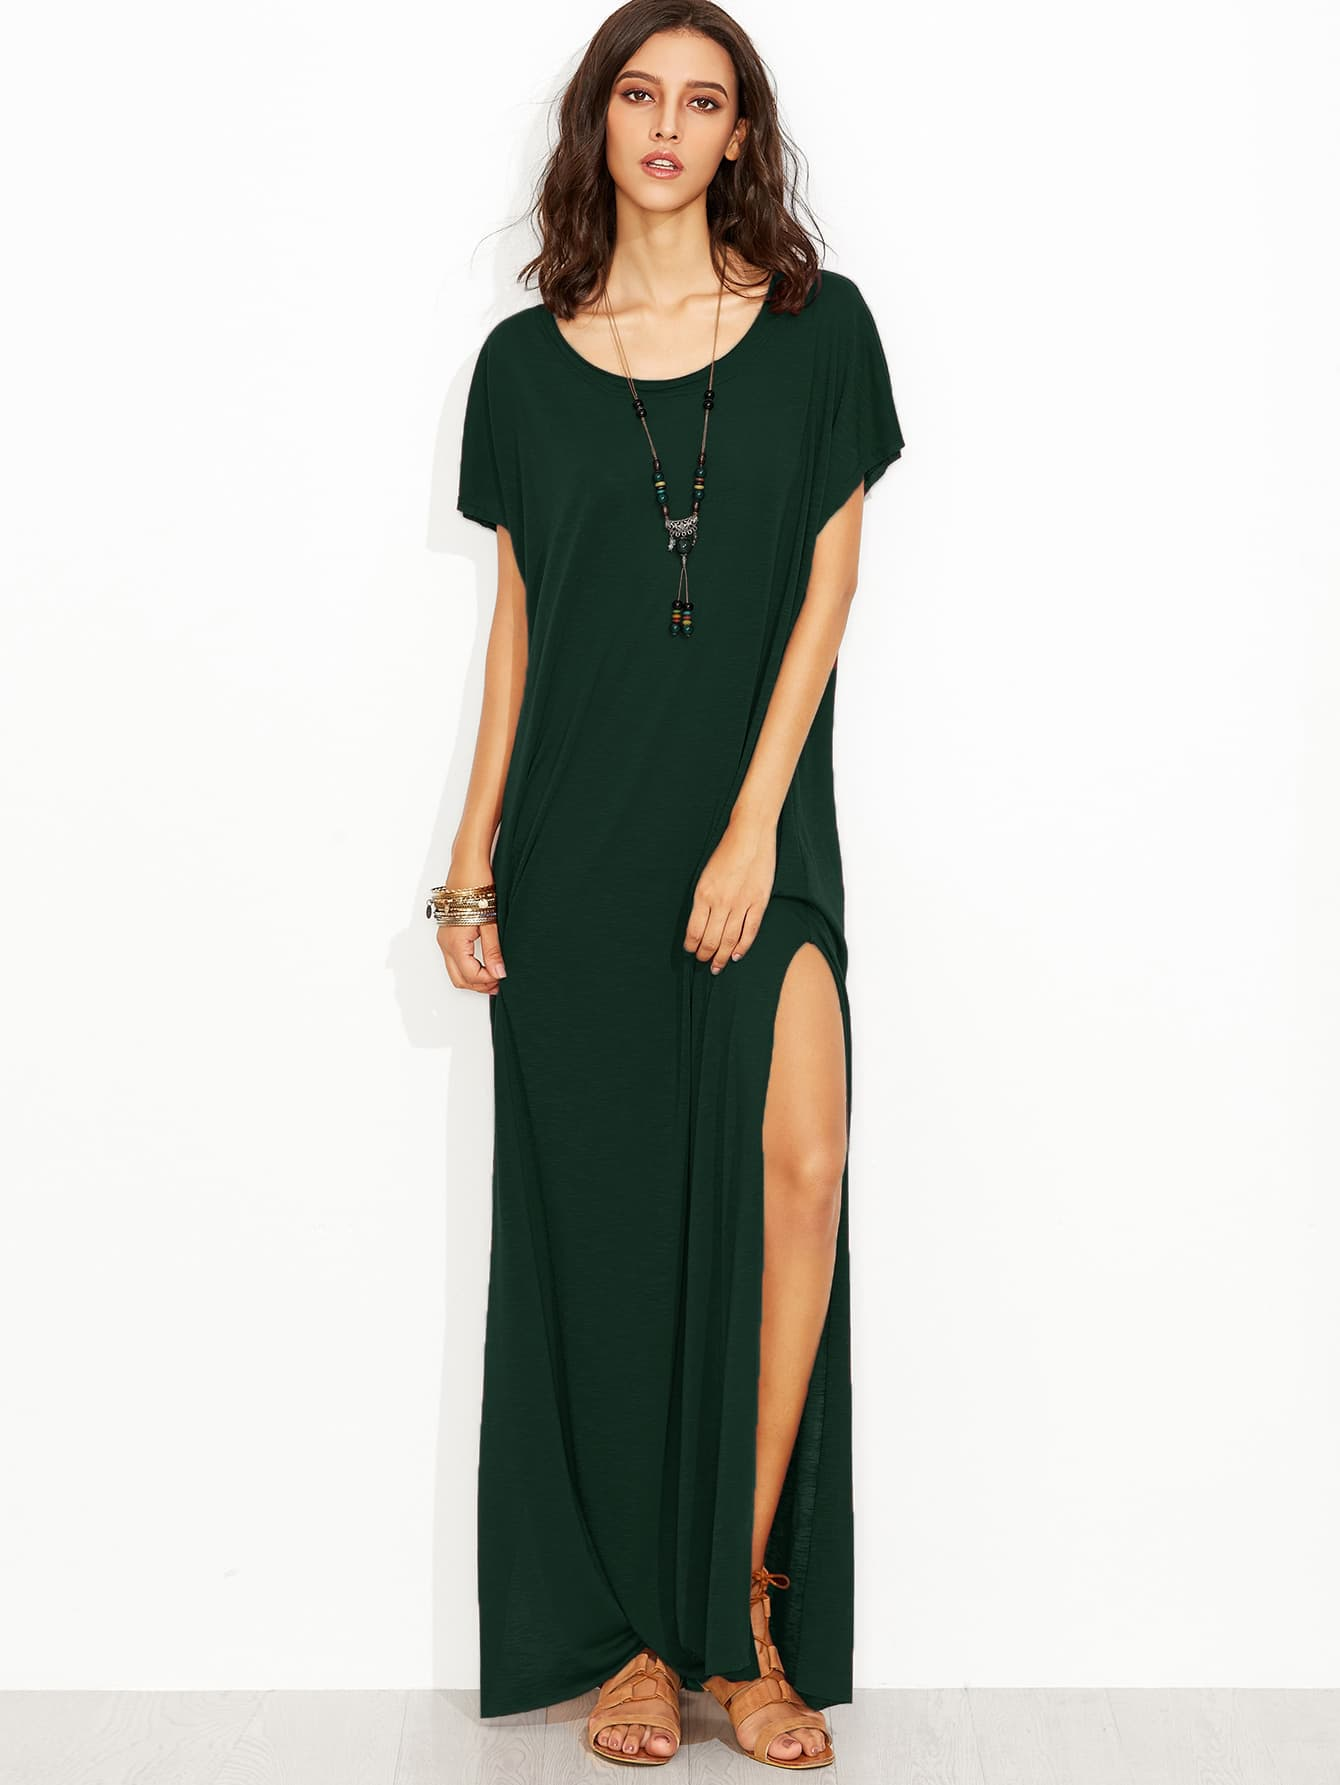 Scoop Neck High Slit Slub Tee Dress full length slub tee dress